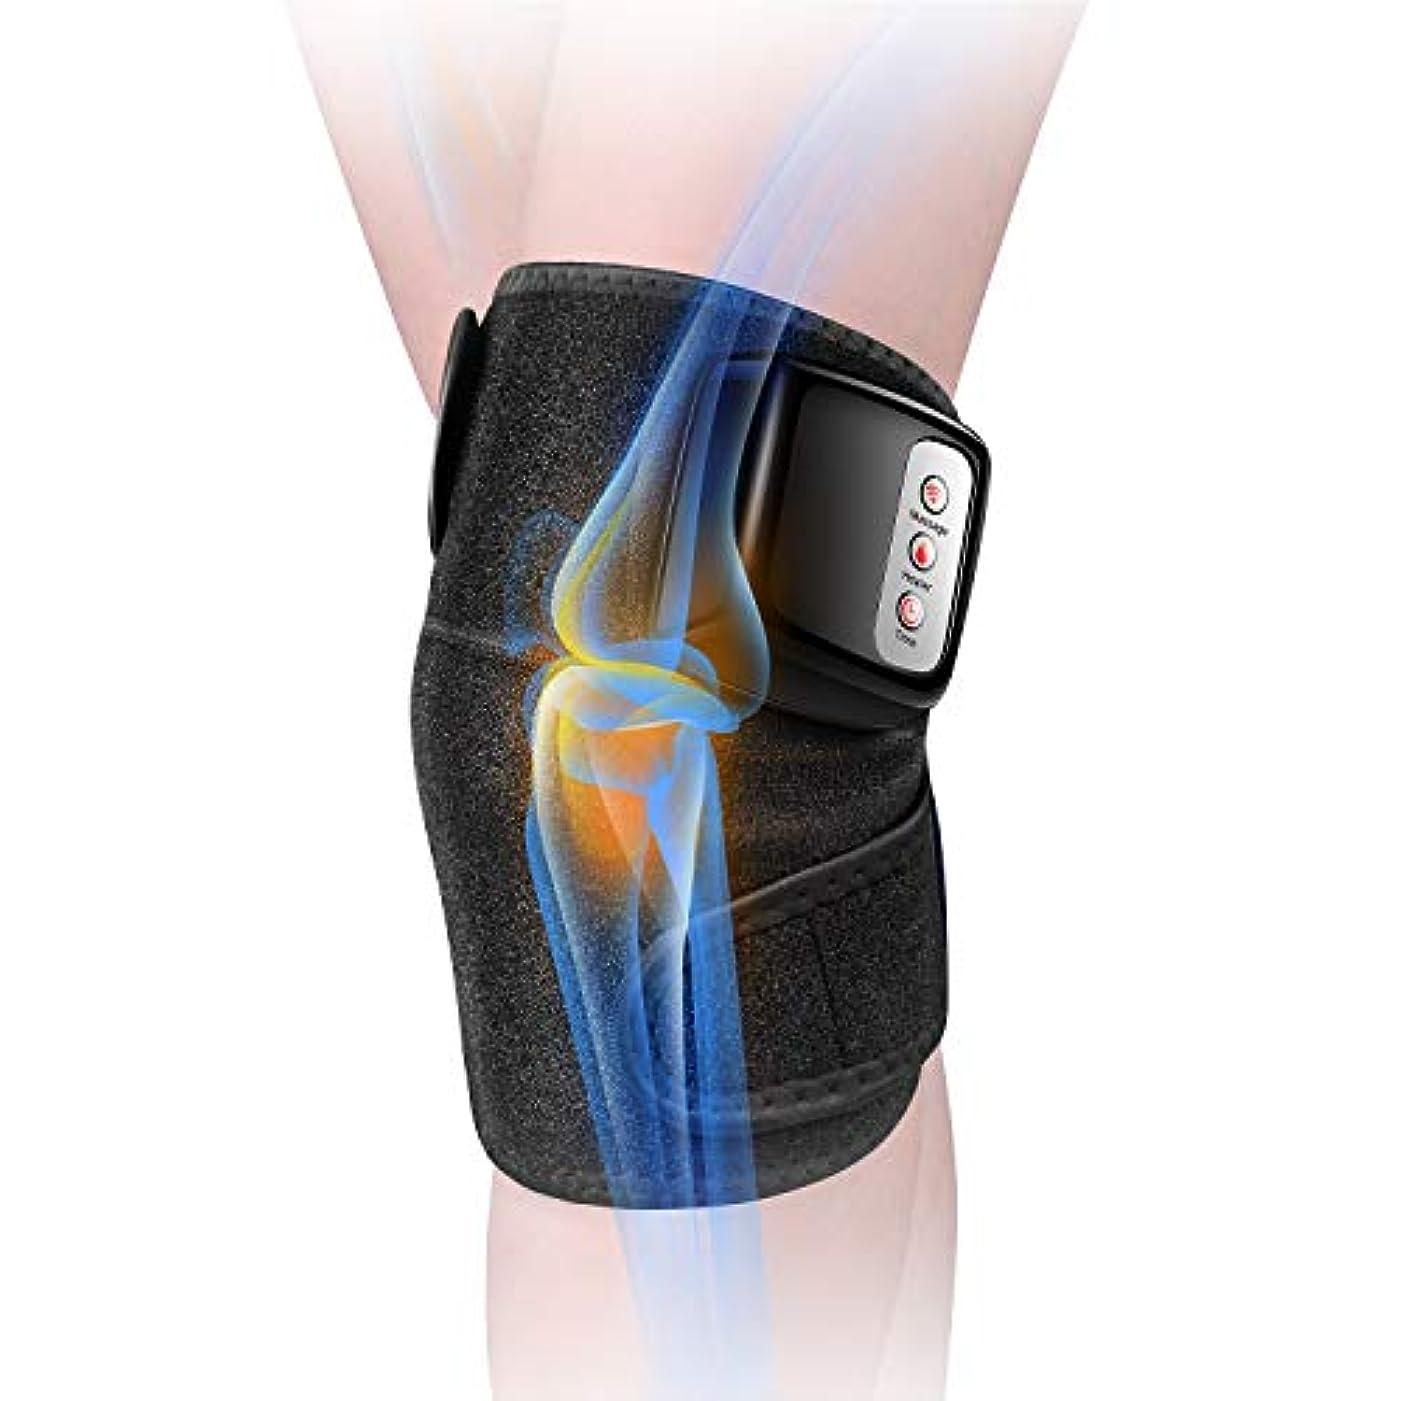 連続したカウンタ従者膝マッサージャー 関節マッサージャー マッサージ器 フットマッサージャー 振動 赤外線療法 温熱療法 膝サポーター ストレス解消 肩 太もも/腕対応